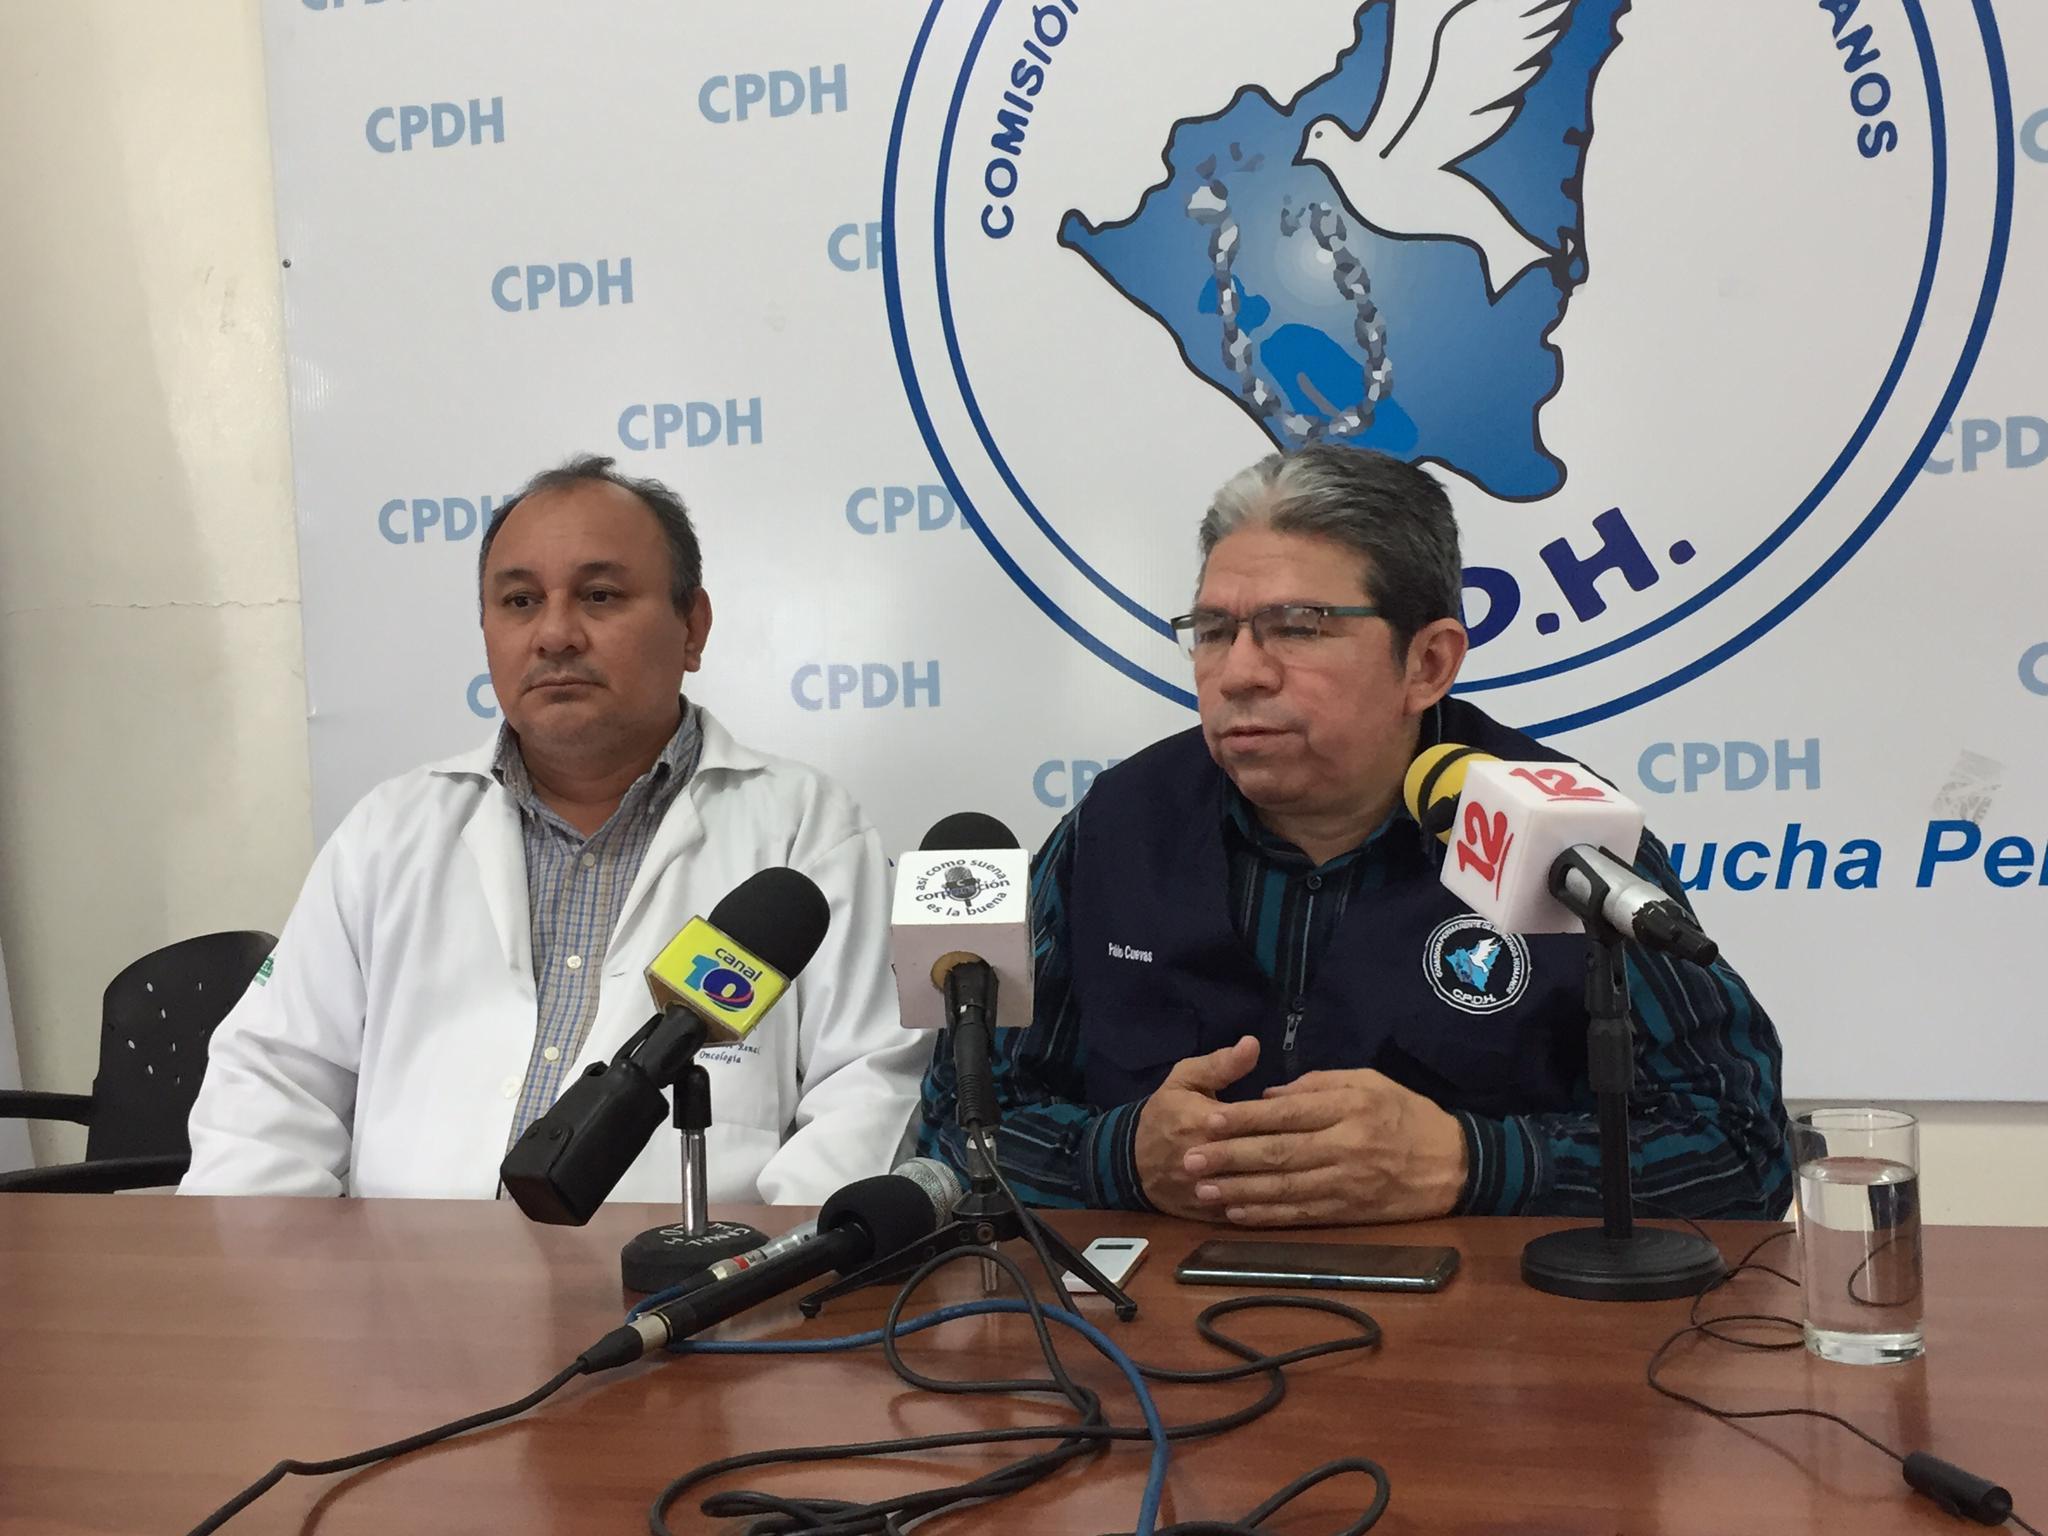 El doctor José Luis Borge interpone denuncia por secuestro y amenazas de parte de paramilitares ante la CPDH Foto: Cortesía